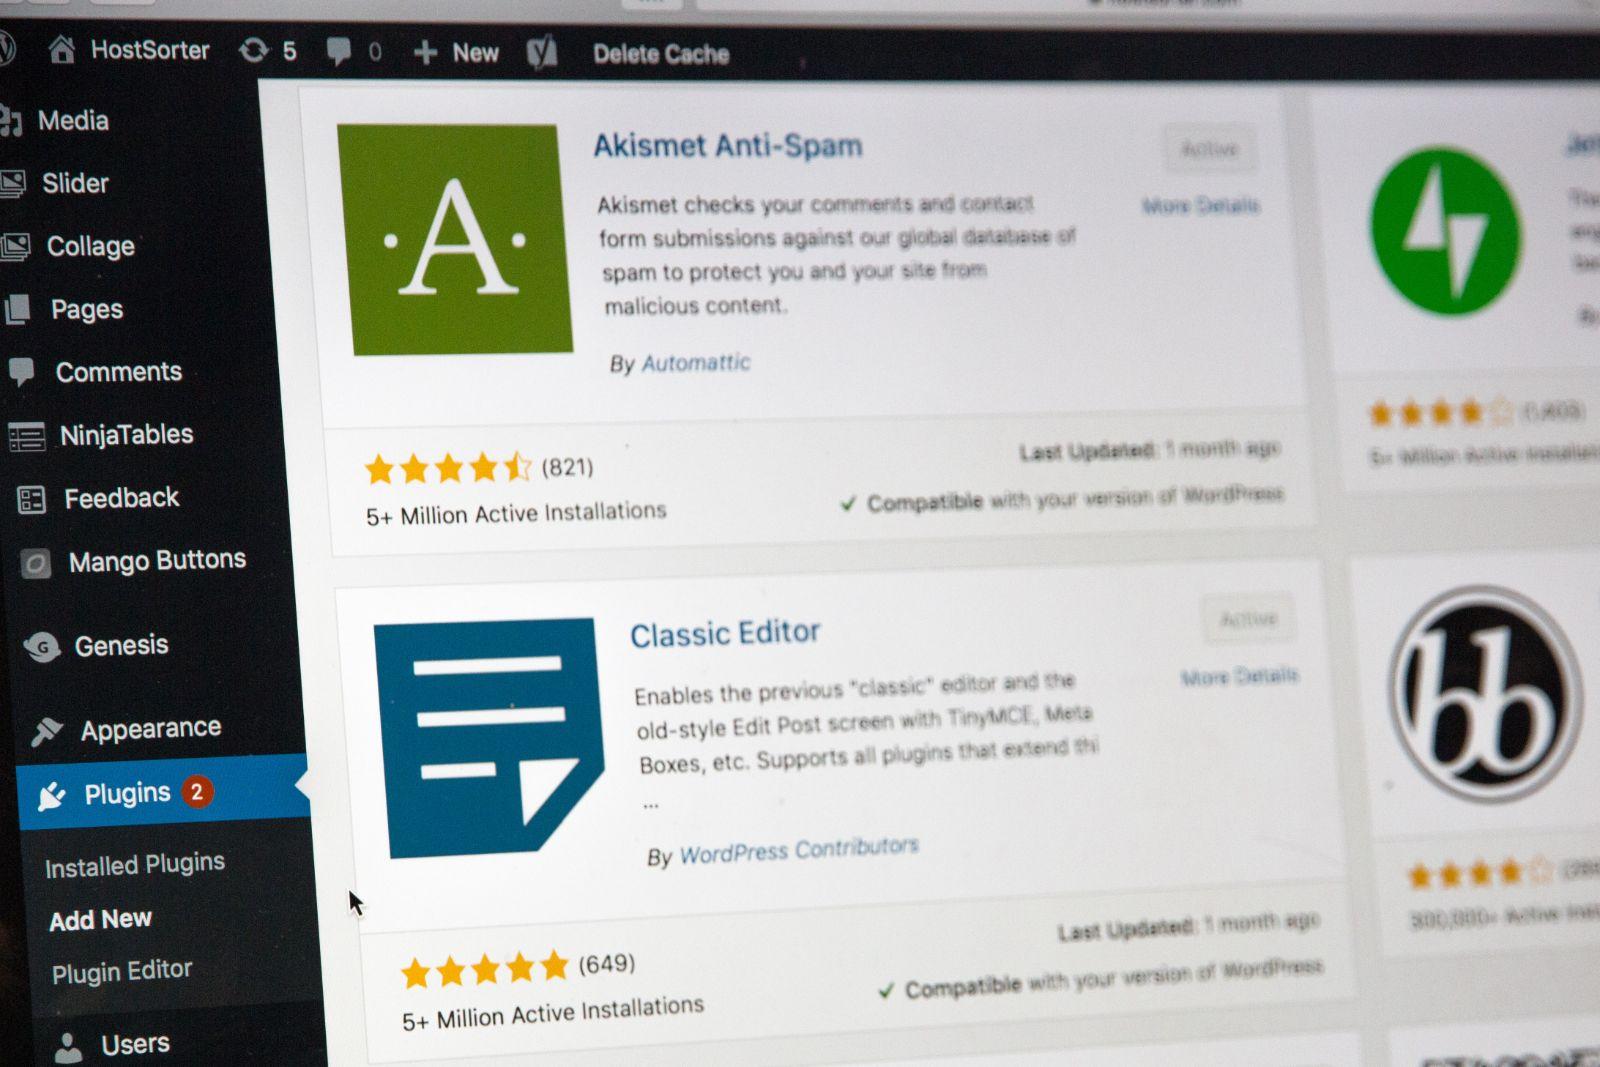 wordpress plugins - plugin search